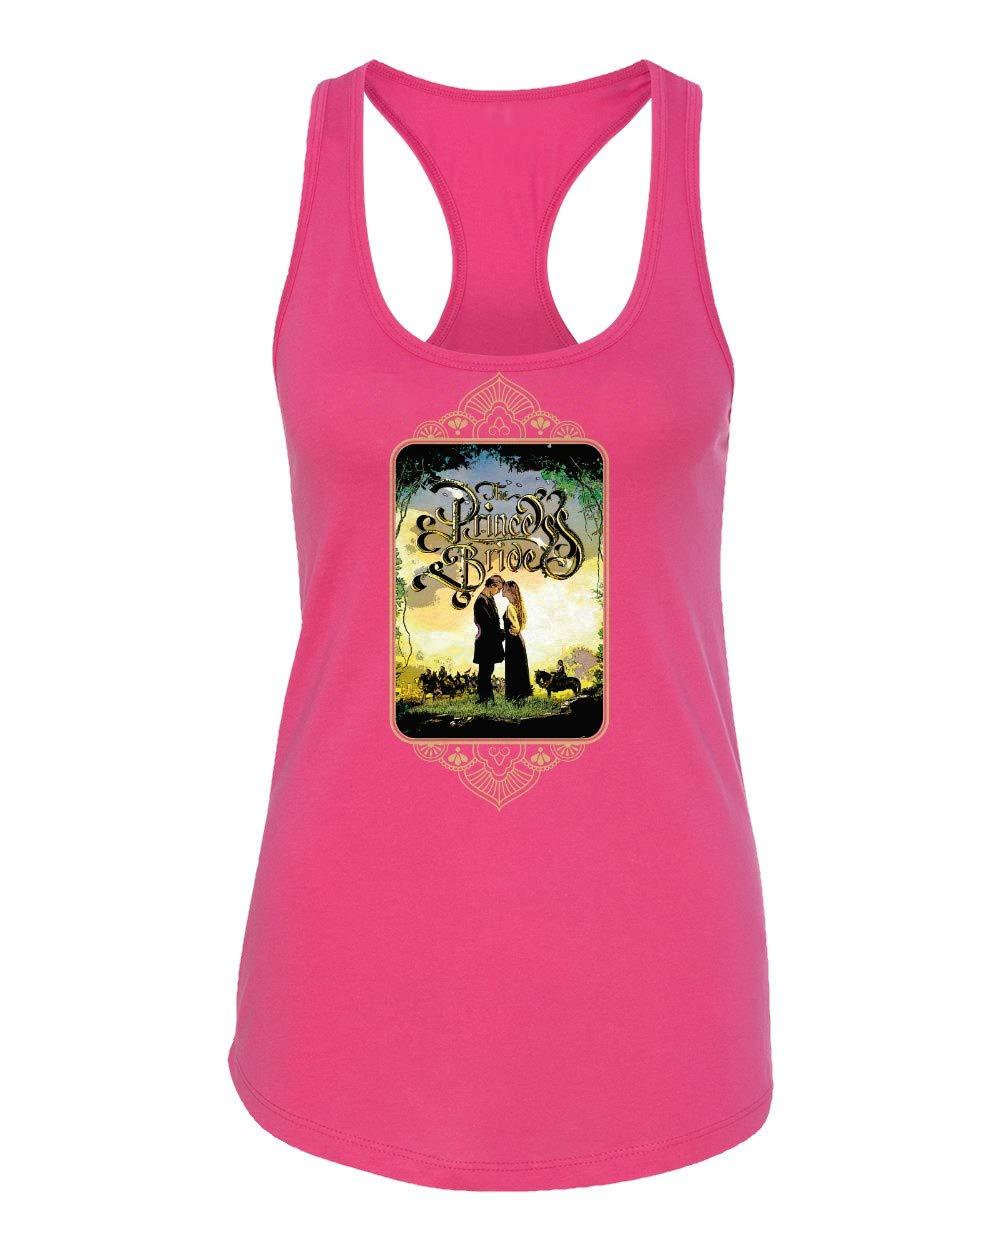 Princess Romantic Movie Racerback Shirts